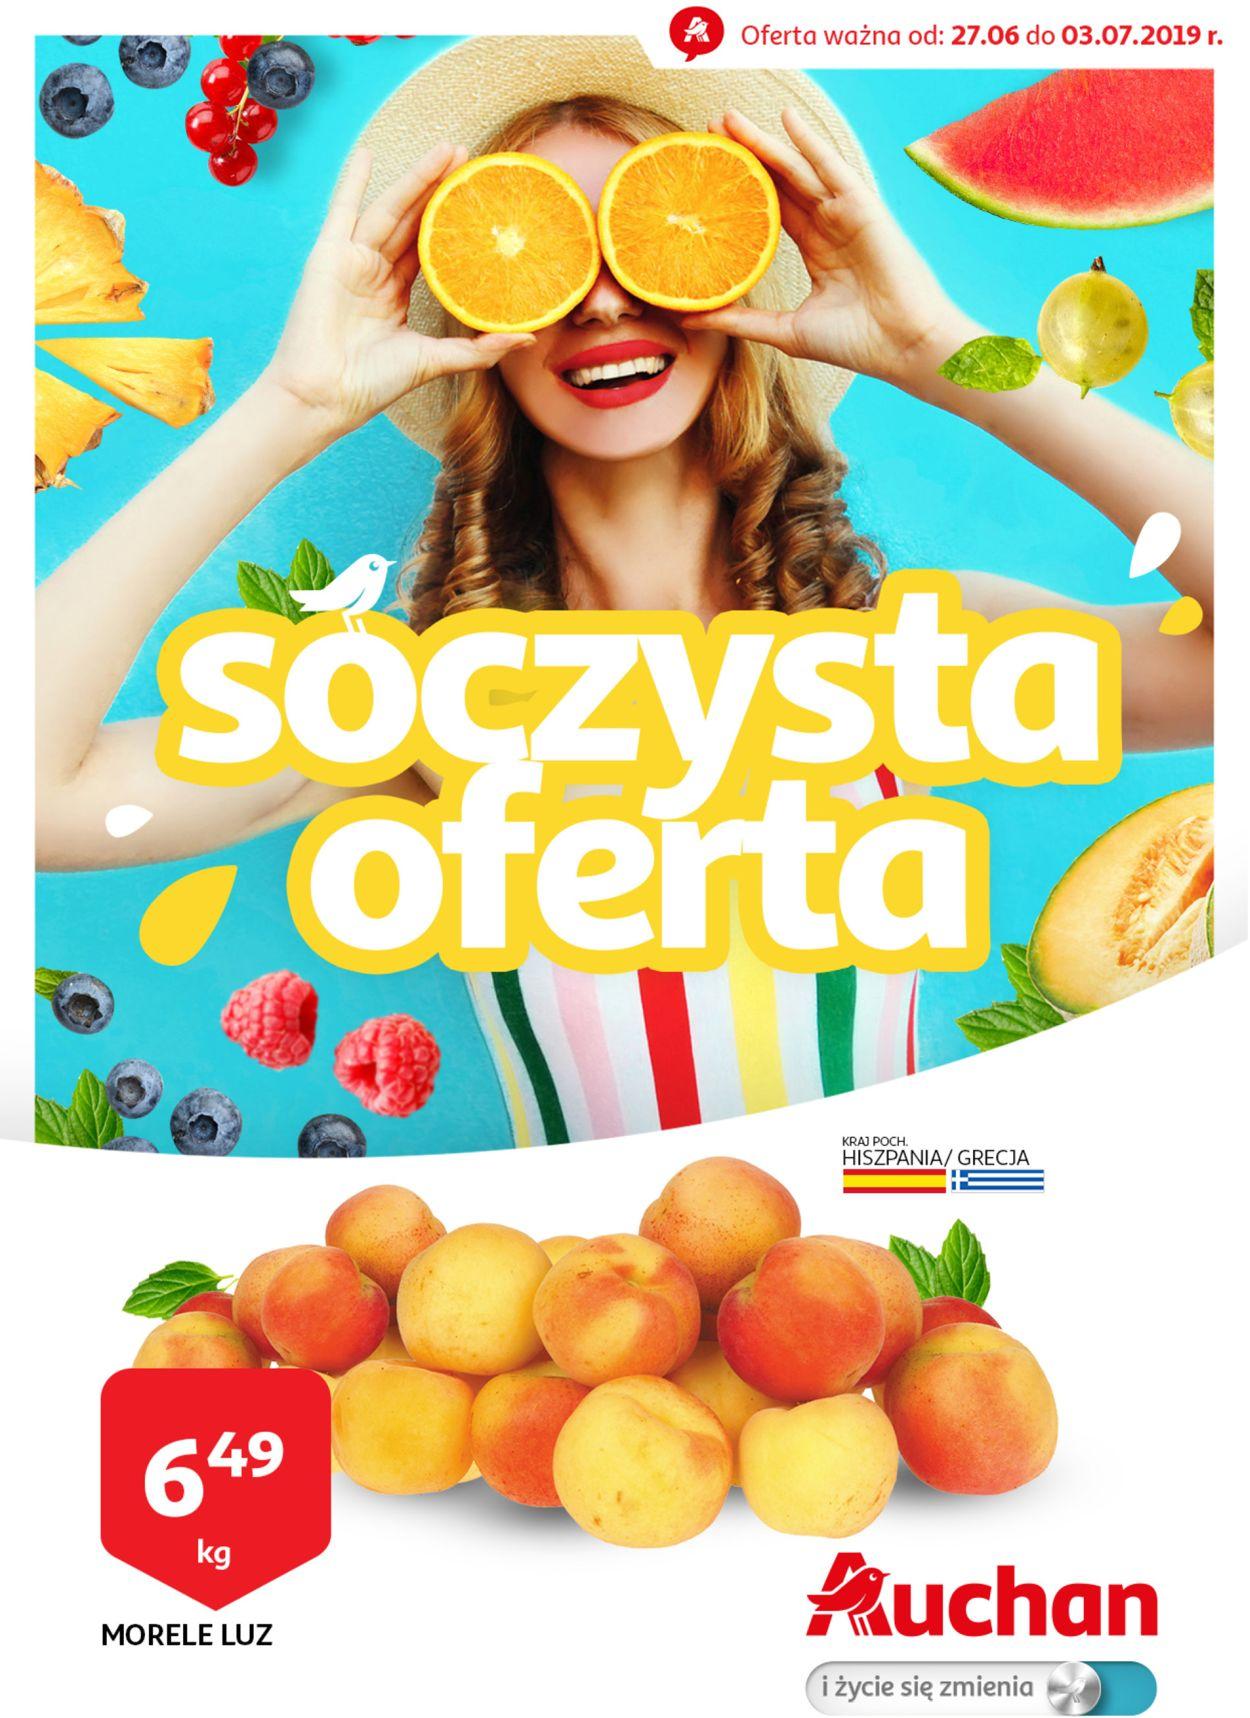 Gazetka promocyjna Auchan - 27.06-03.07.2019